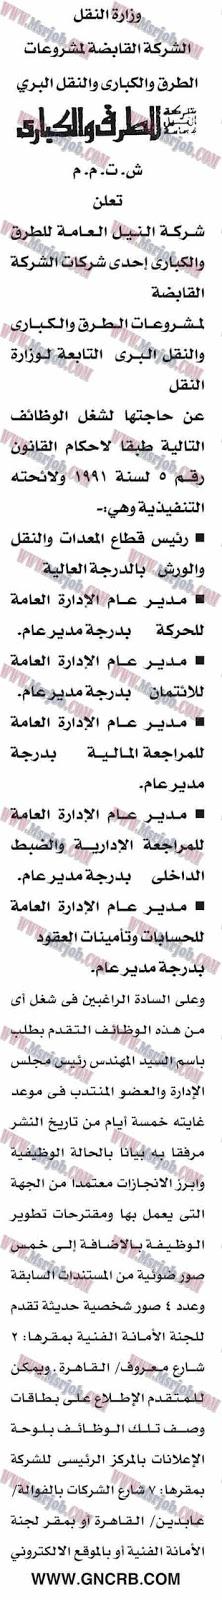 اعلان وظائف وزارة النقل لخريجي الجامعات والتقديم حتى 6 / 5 / 2017